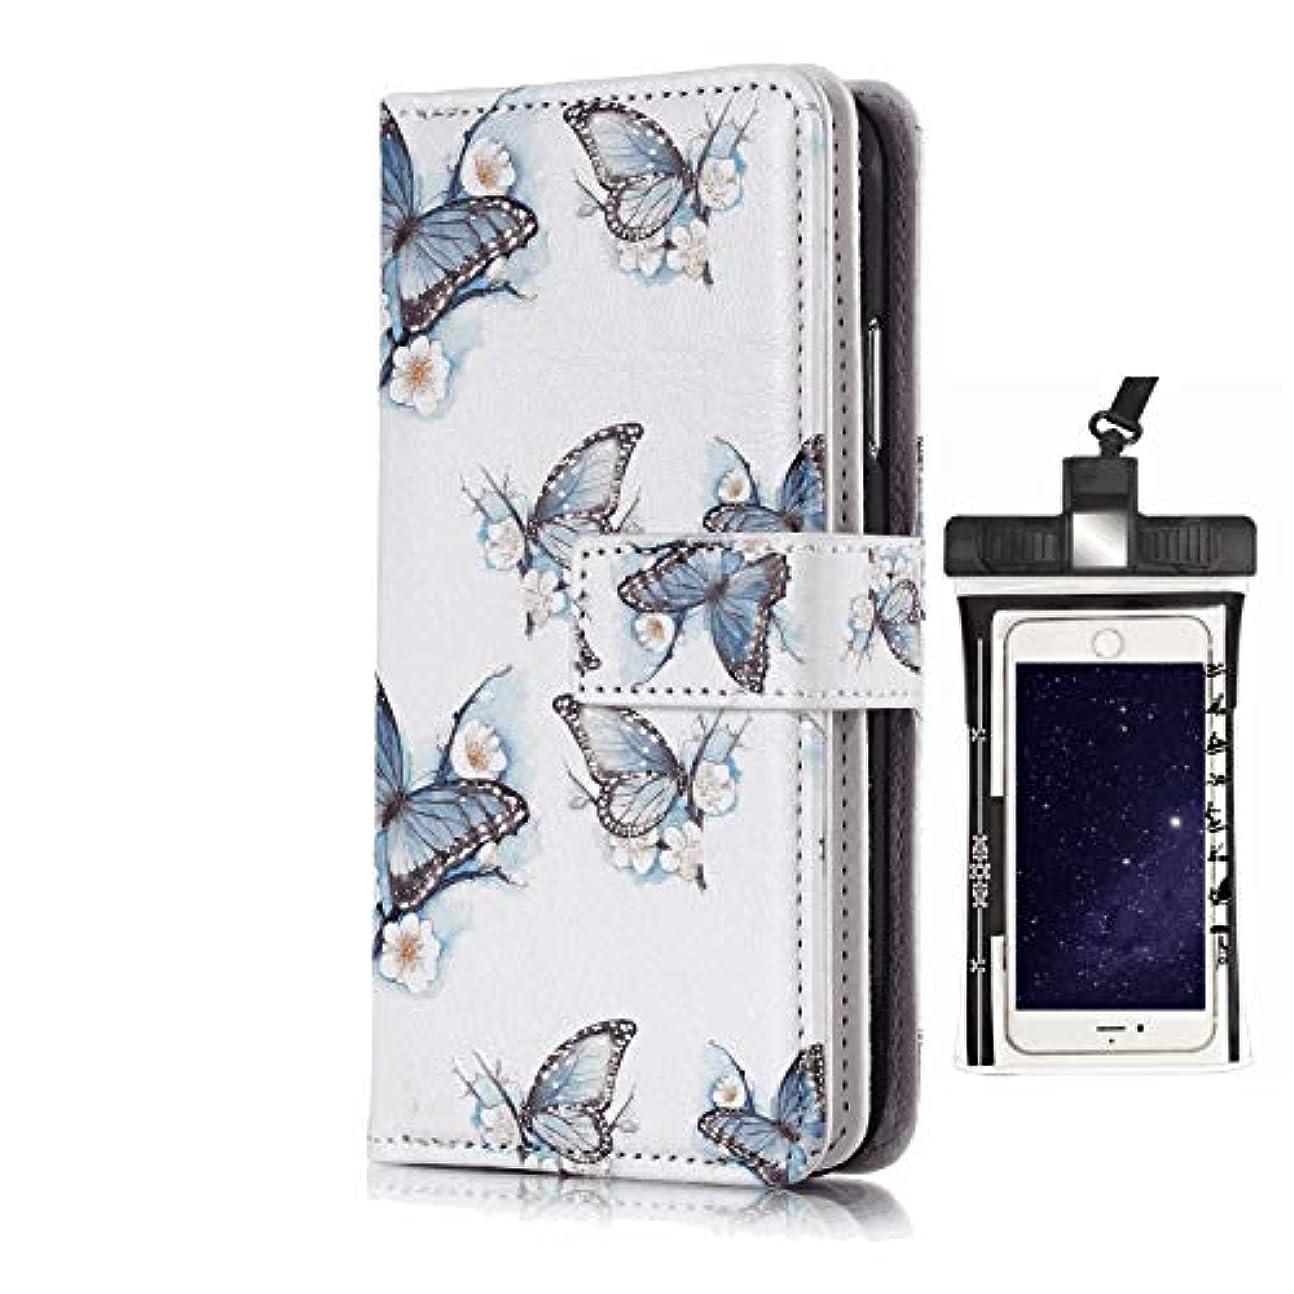 スキャンダル空洞安らぎレザー 手帳型 サムスン ギャラクシー Samsung Galaxy S6 EDGE ケース 本革 カバー収納 財布 高級 ビジネス スマートフォンケース 無料付防水ポーチケース